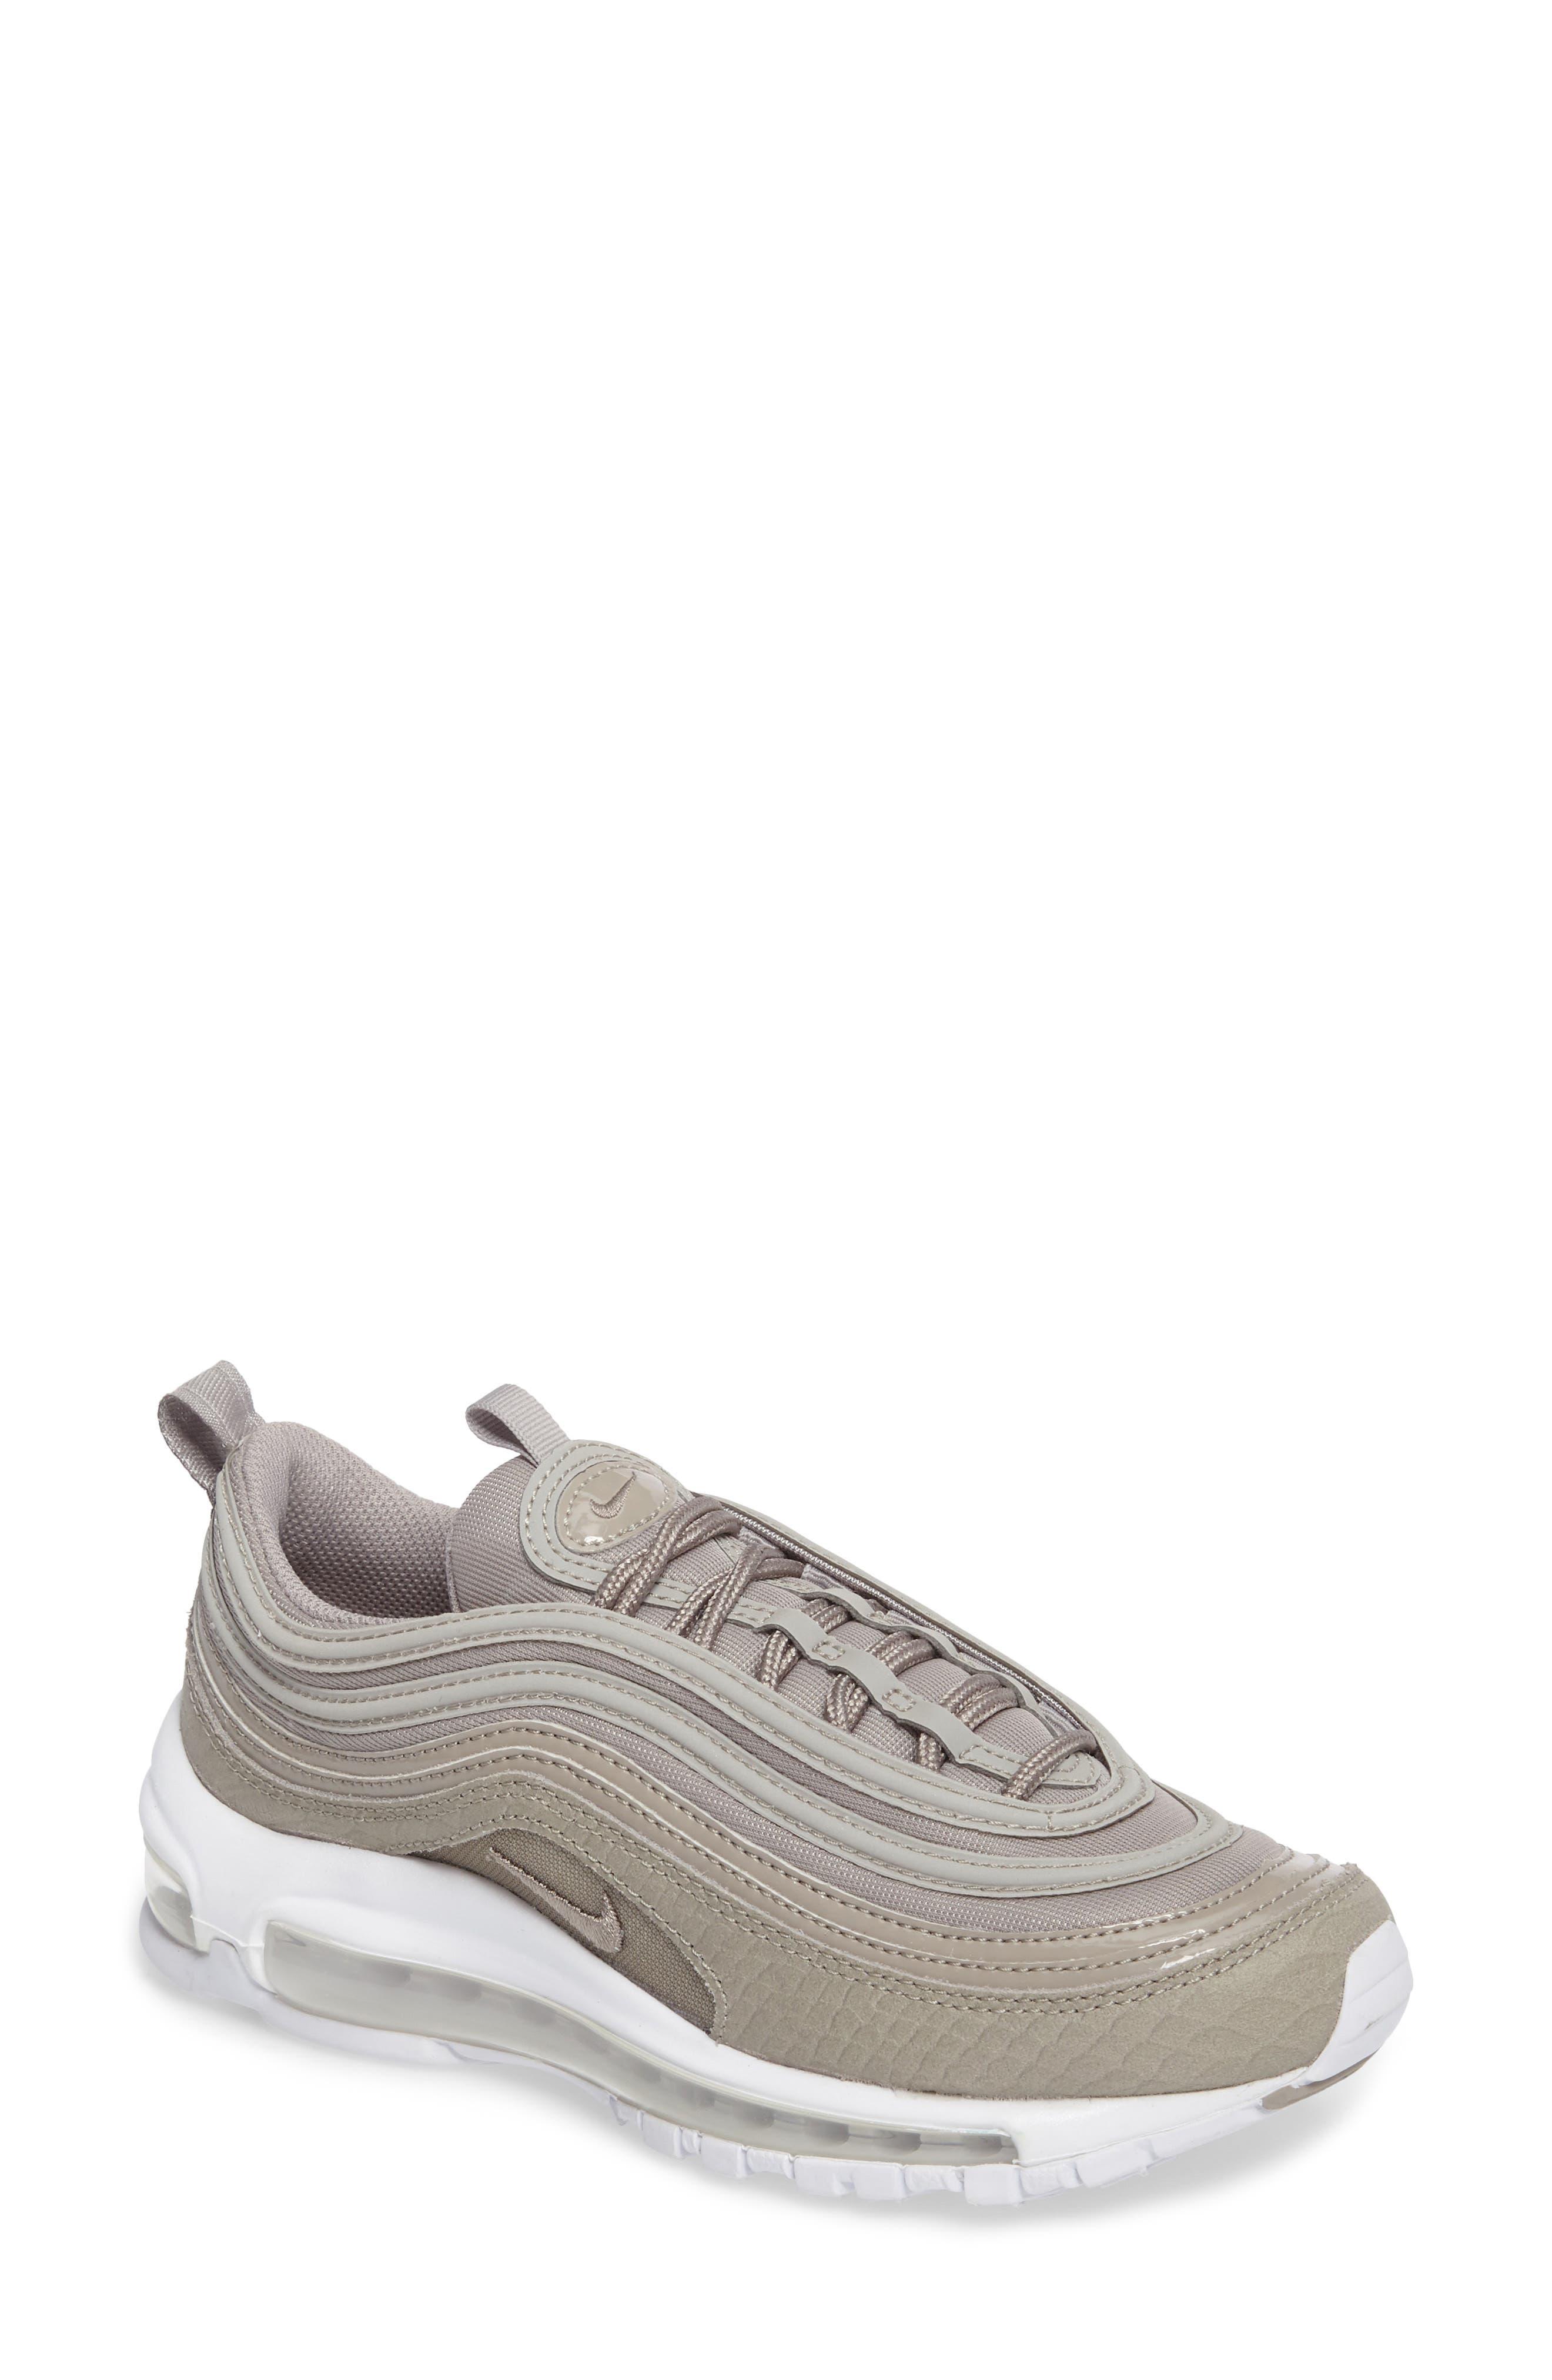 Nike Air Max 97 Premium Sneaker (Women)